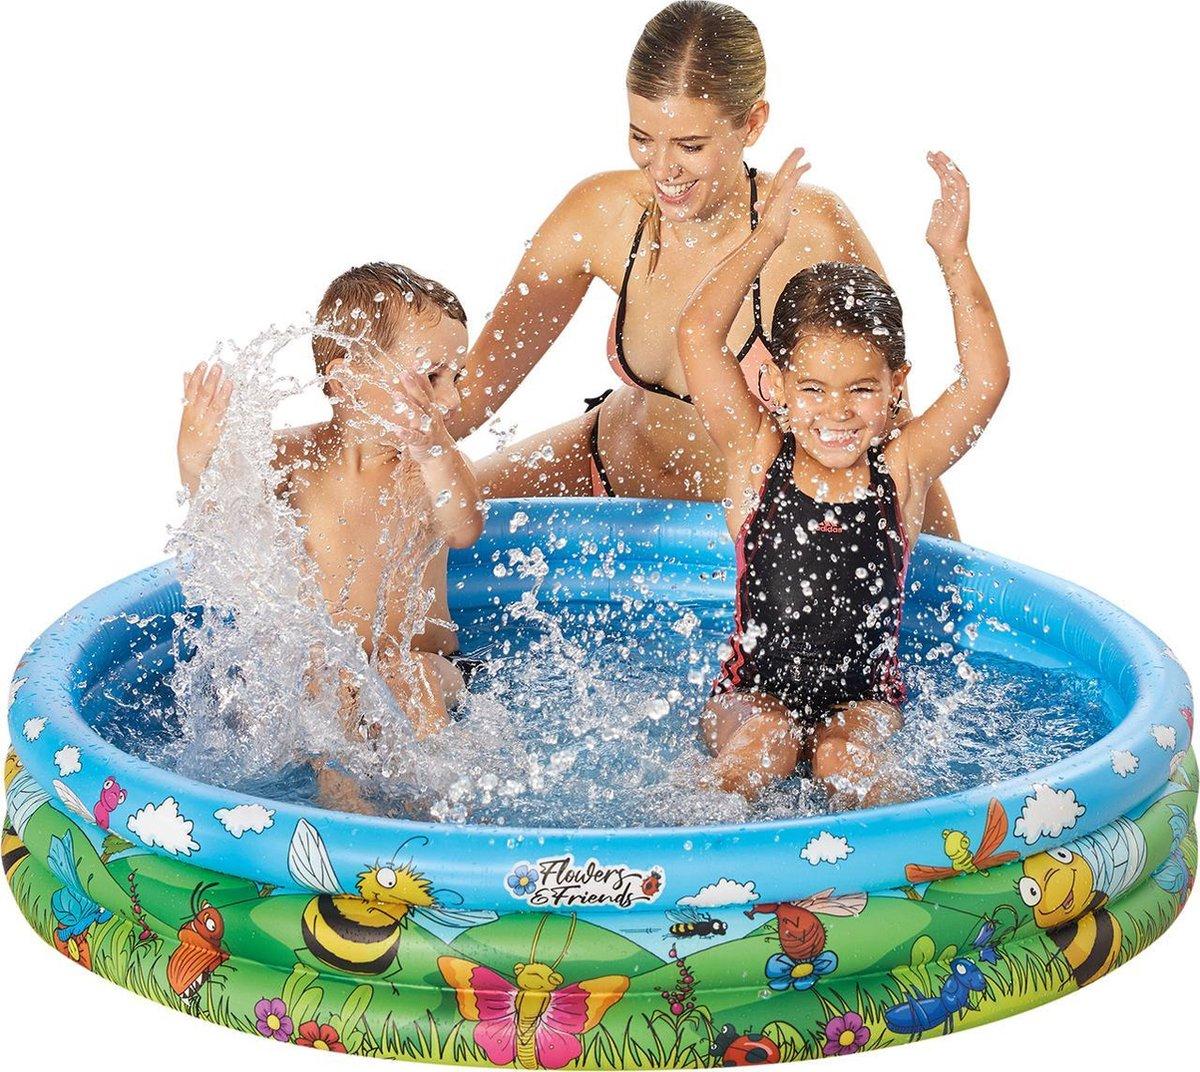 Happy People opblaaszwembad 122 x 25 cm blauw